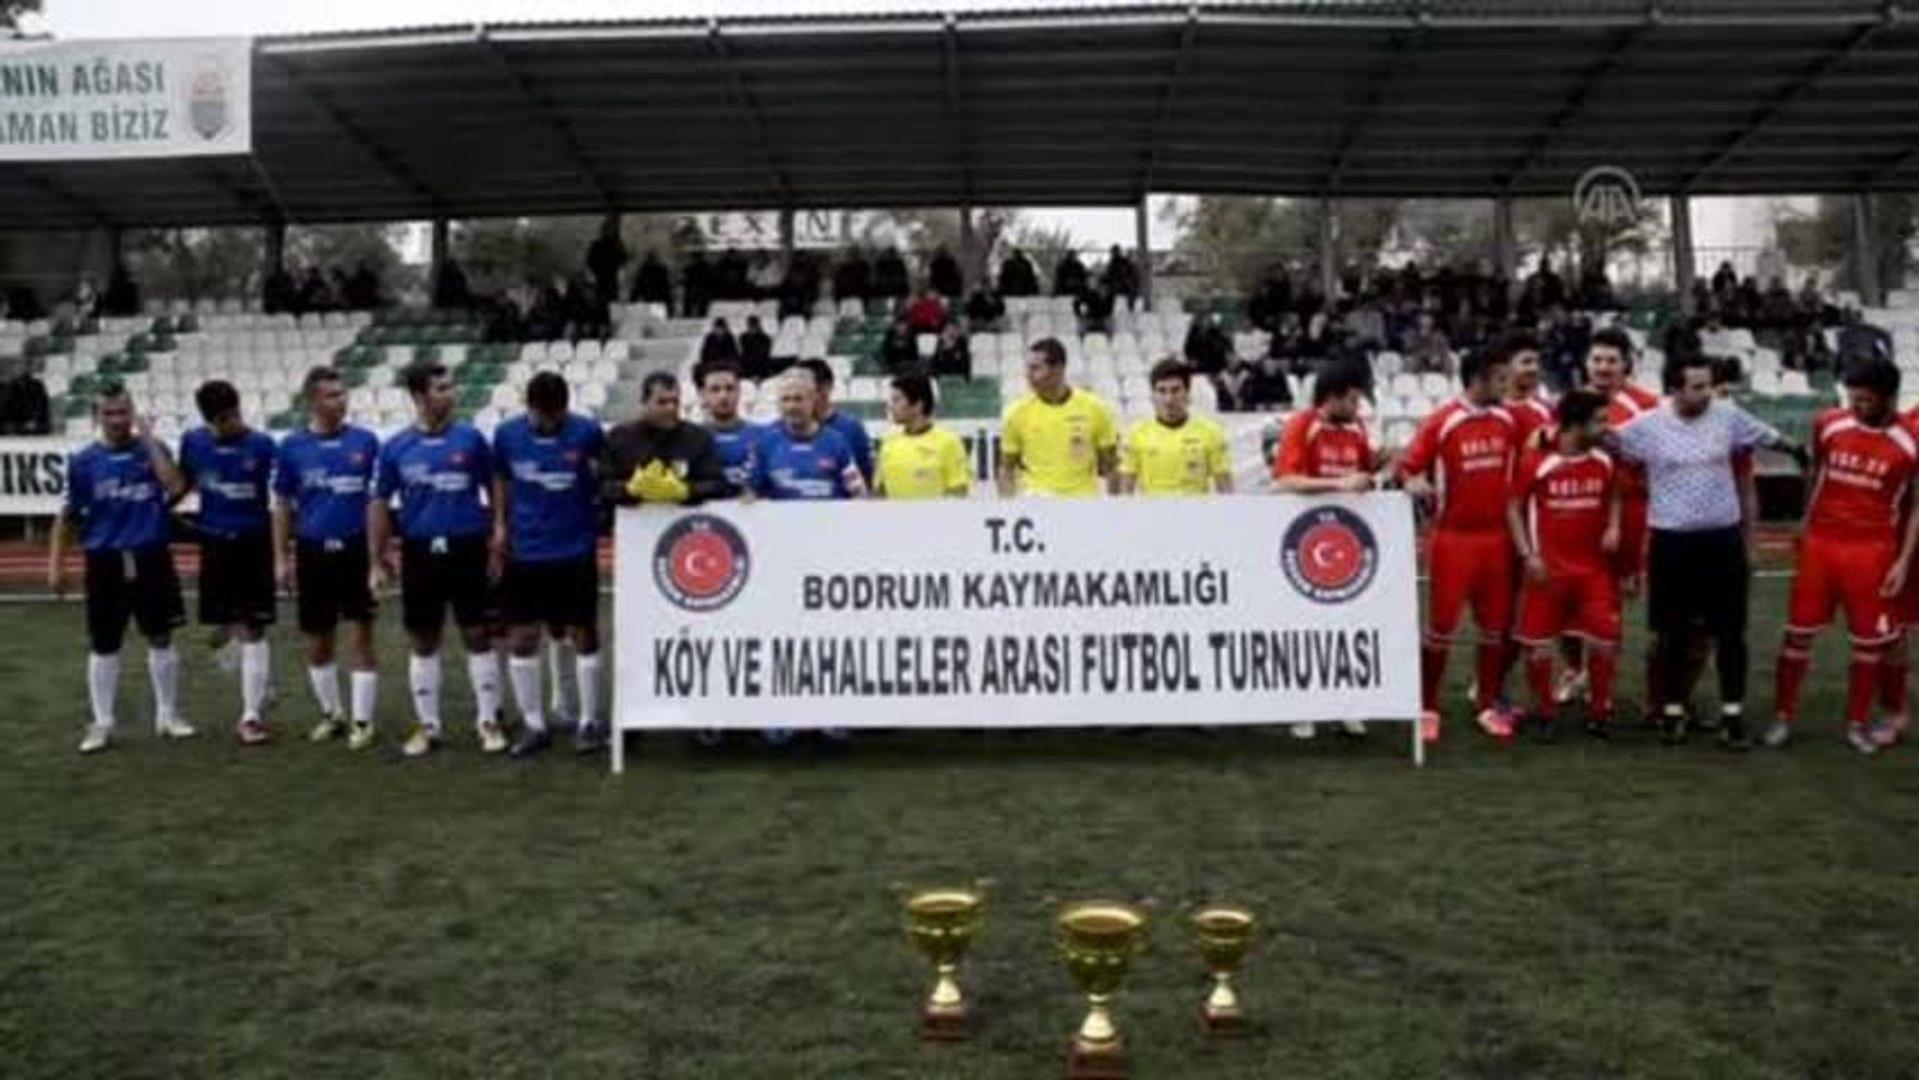 Bodrum Kaymakamlığı Futbol Turnuvası Sona Erdi -